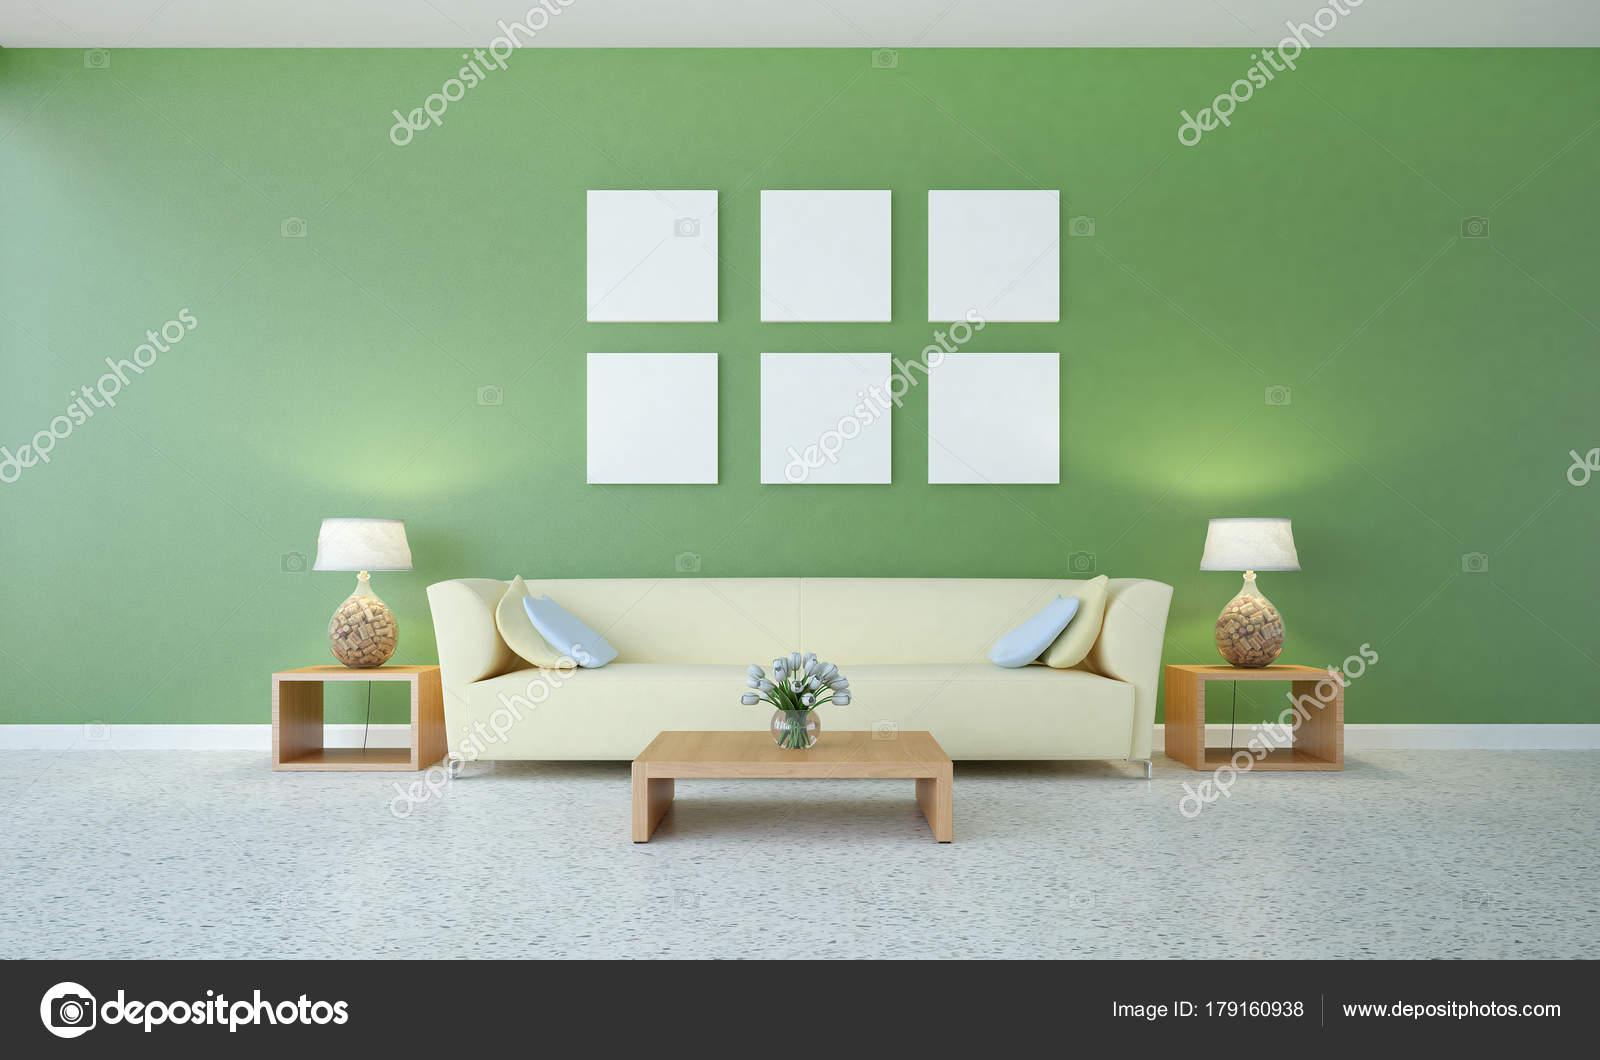 Groene Muur Woonkamer : Woonkamer interieur groene muur patroon achtergrond idee u2014 stockfoto